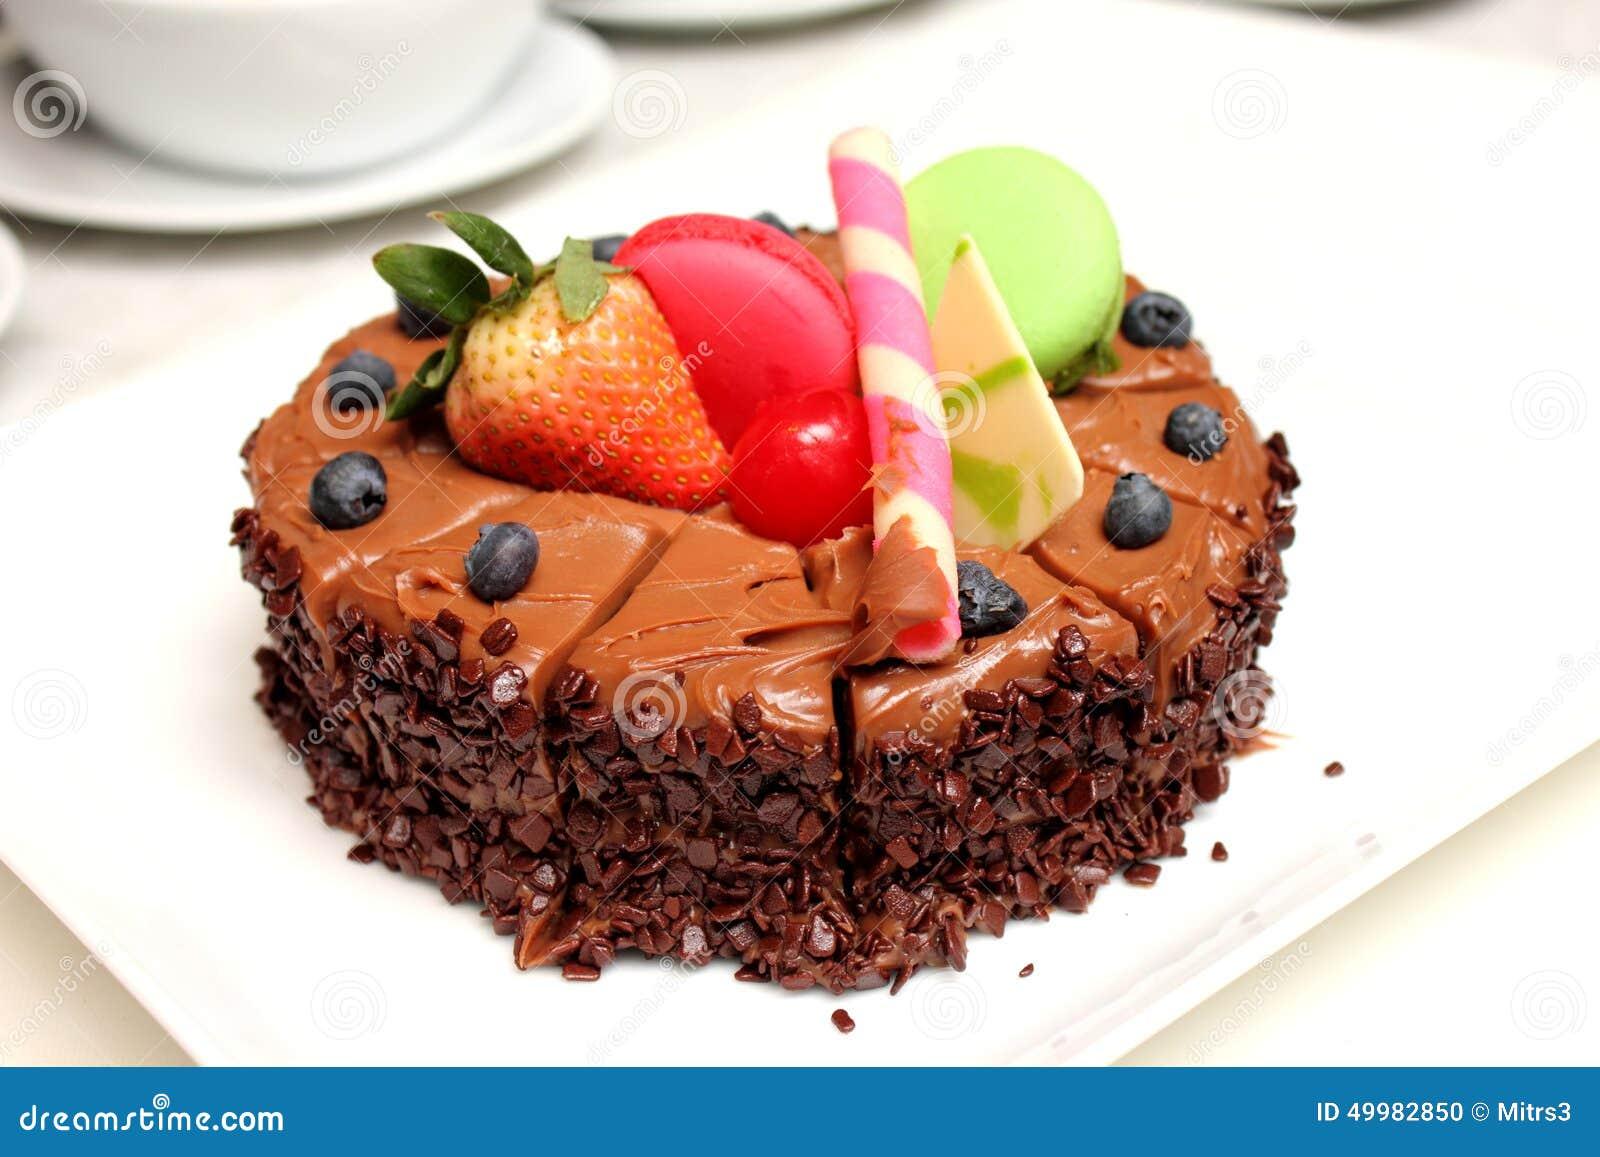 g teau de chocolat avec la d coration de fruit frais photo stock image 49982850. Black Bedroom Furniture Sets. Home Design Ideas